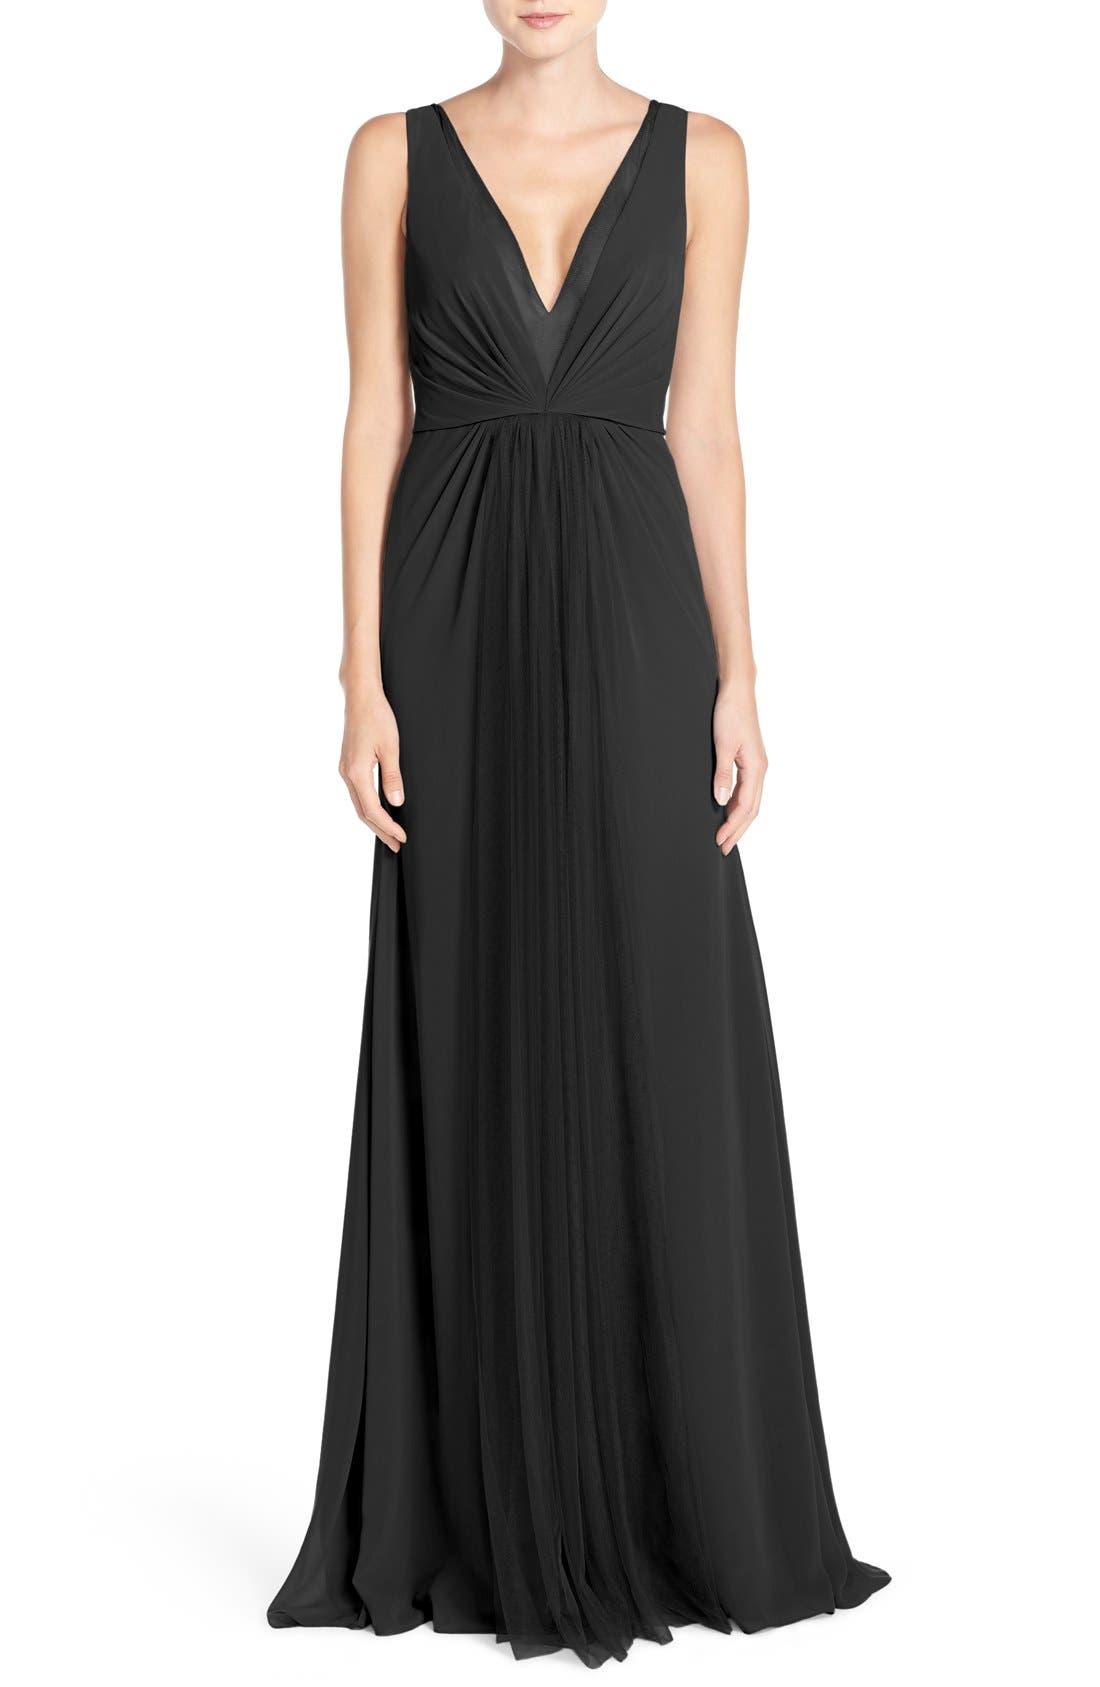 Main Image - Monique Lhuillier Bridesmaids Deep V-Neck Chiffon & Tulle Gown